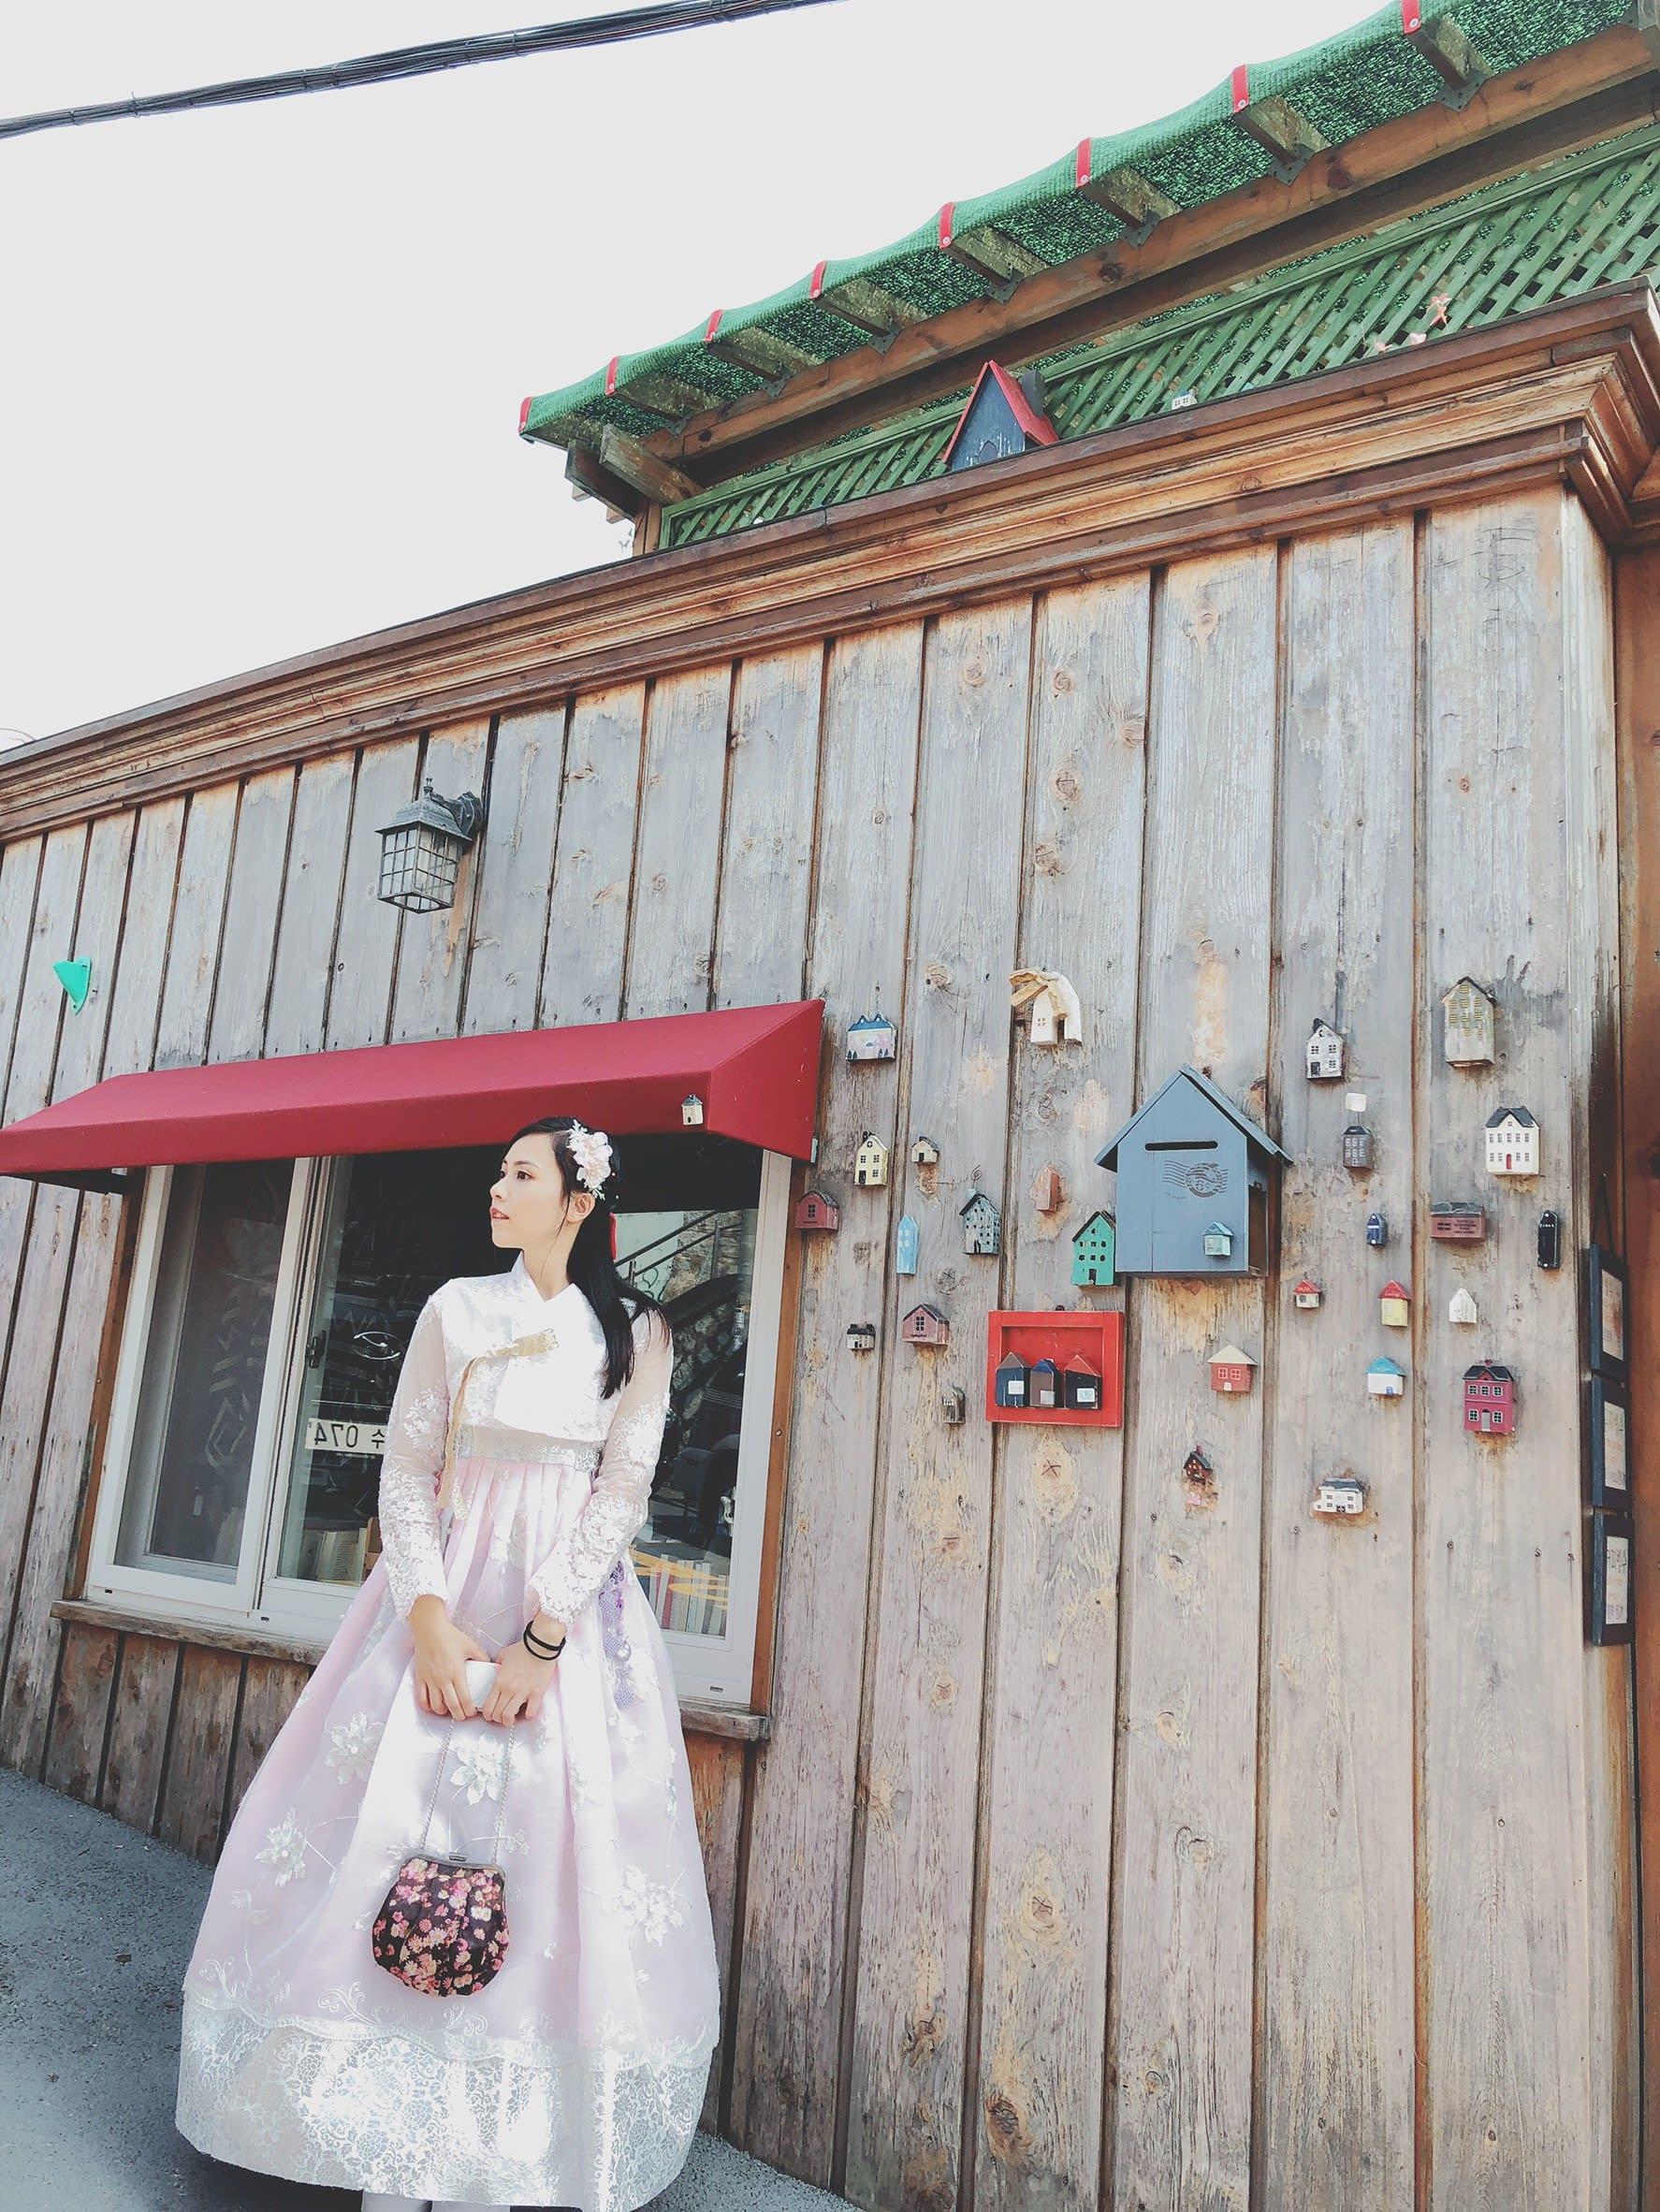 甘川洞附近有許多租借韓服的地方,圖片取自:Ann Shih。